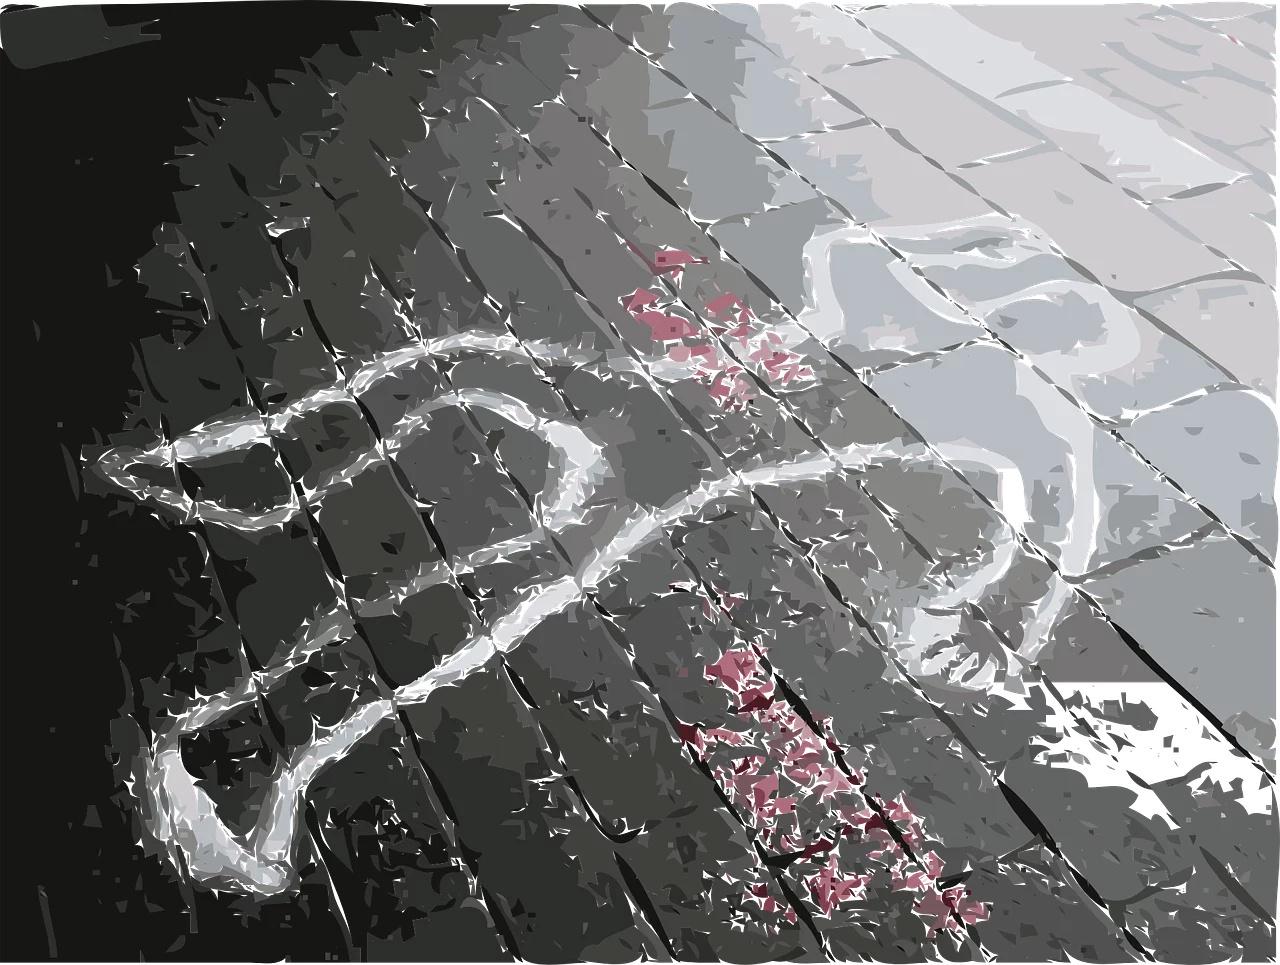 222 cuerpos fueron hallados por medicina legal